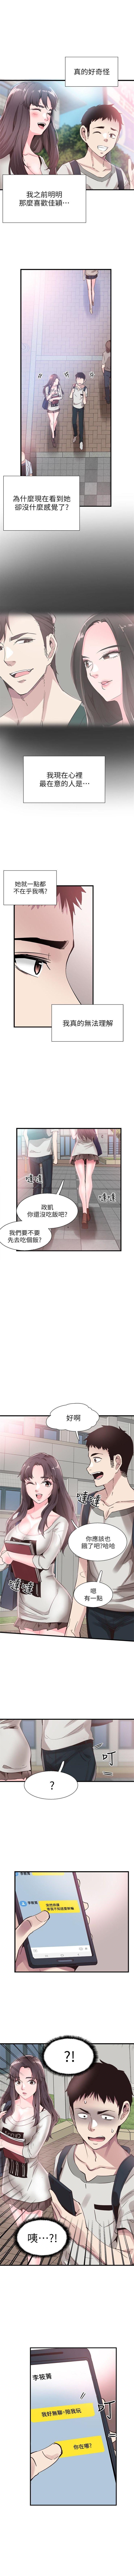 (週7)校園live秀 1-50 中文翻譯(更新中) 181